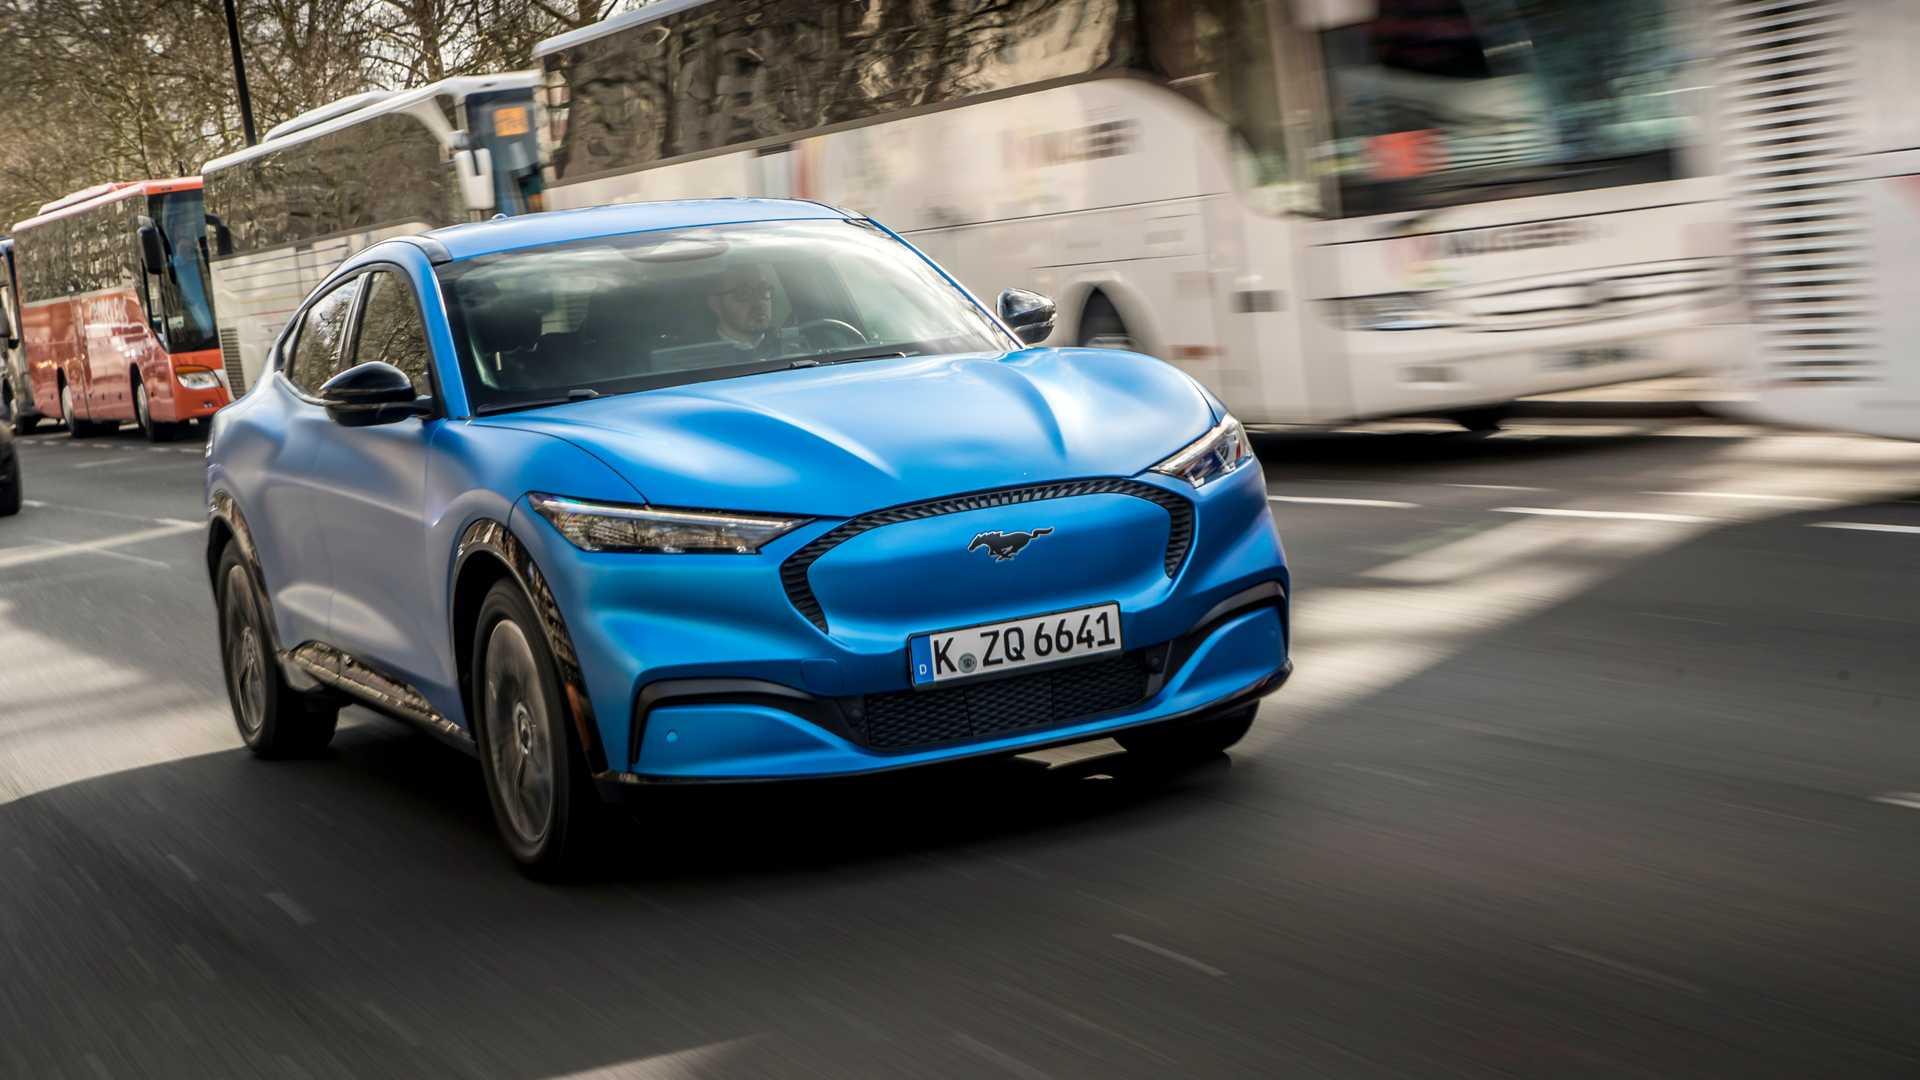 Ford Mustang Mach-E: Europäisches Debüt